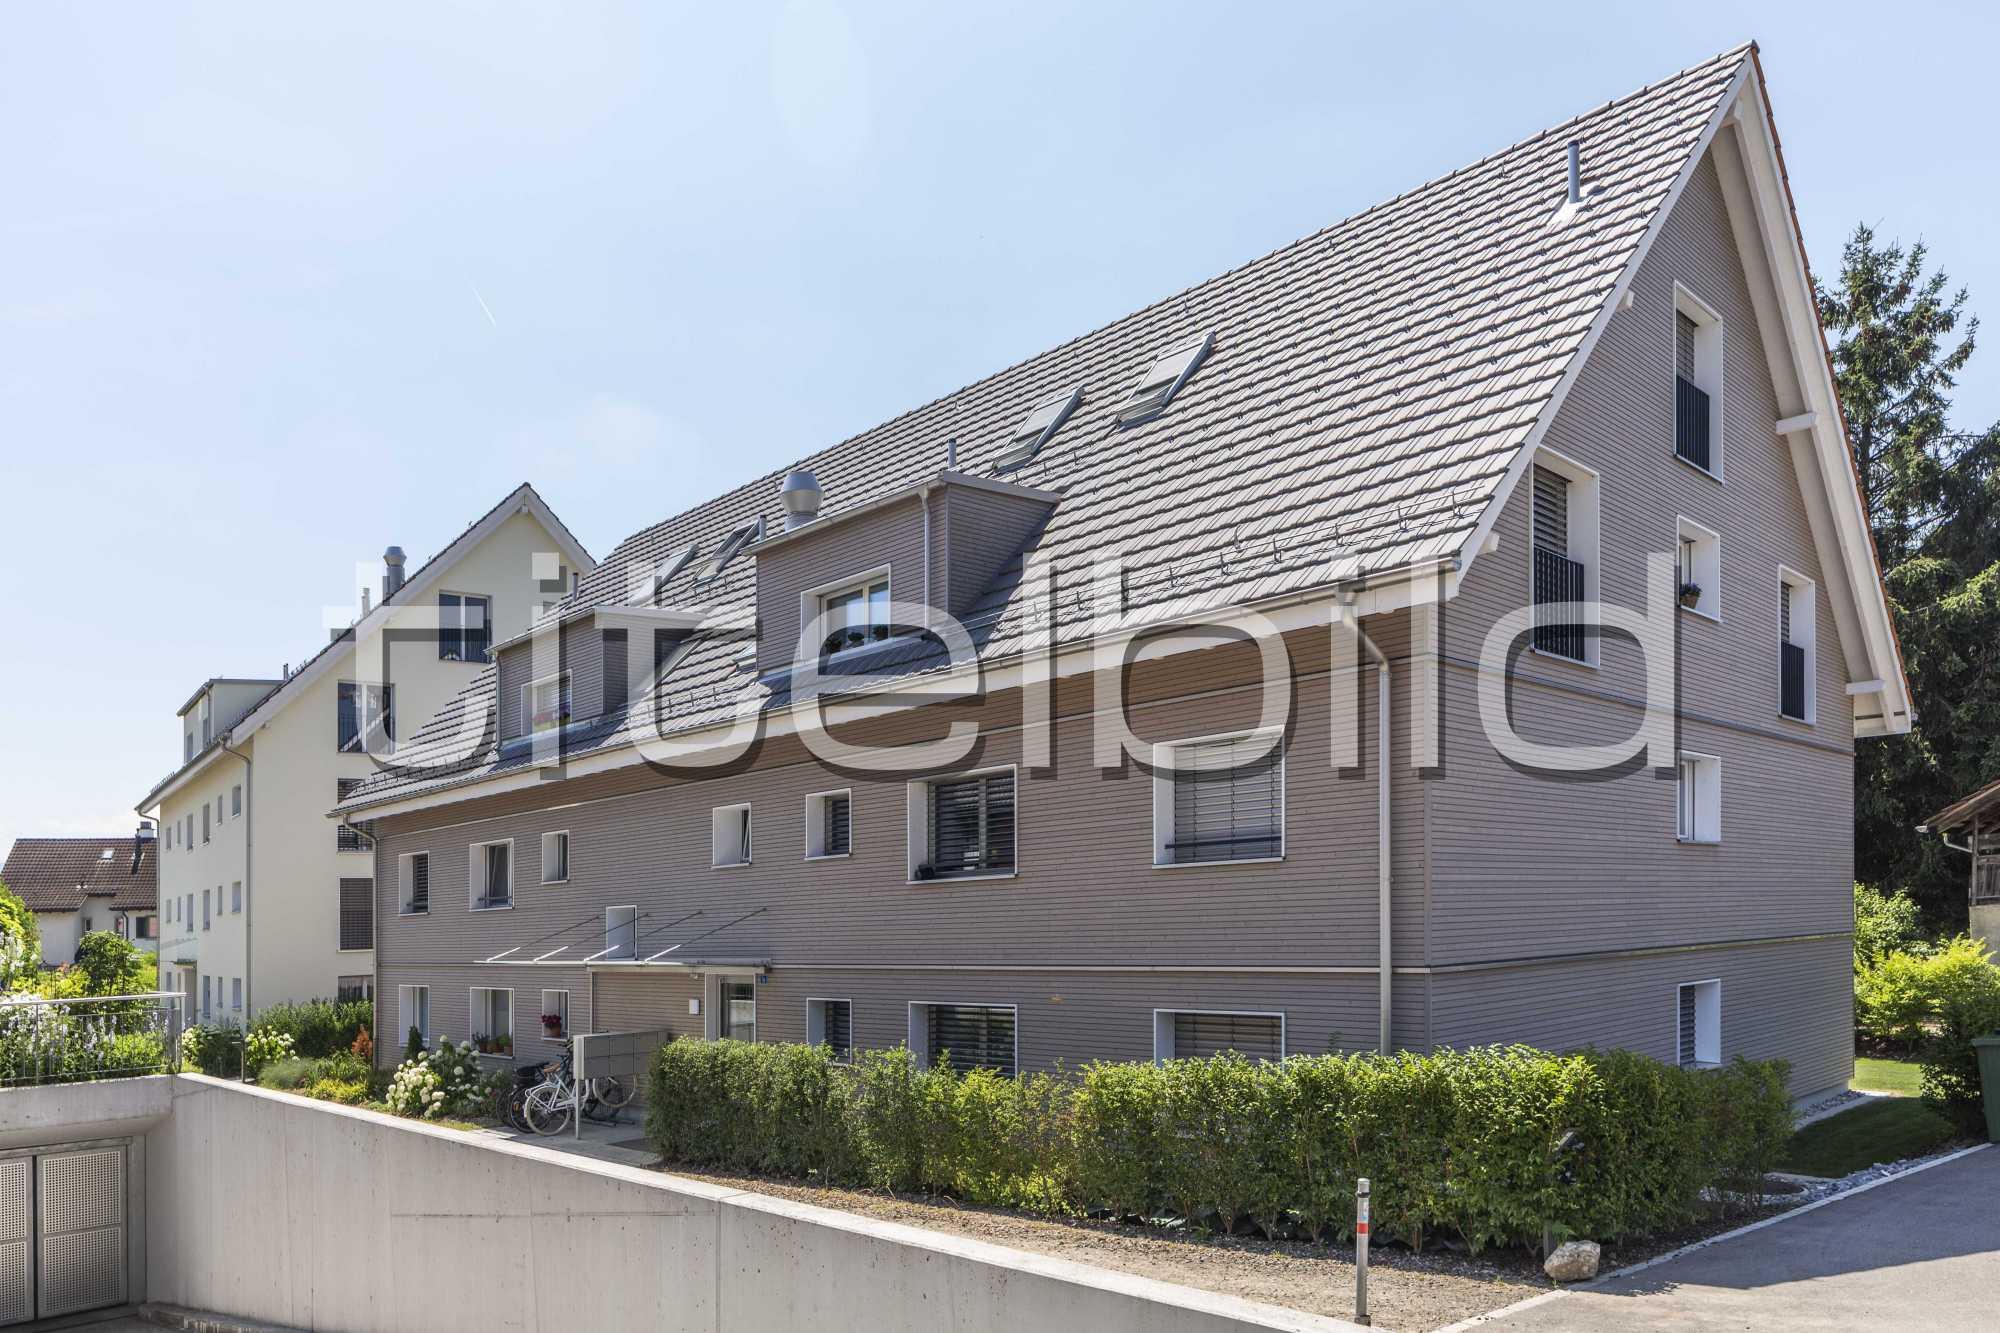 Projektbild-Nr. 5: Wohnen im Dorfzentrum Adlerweg